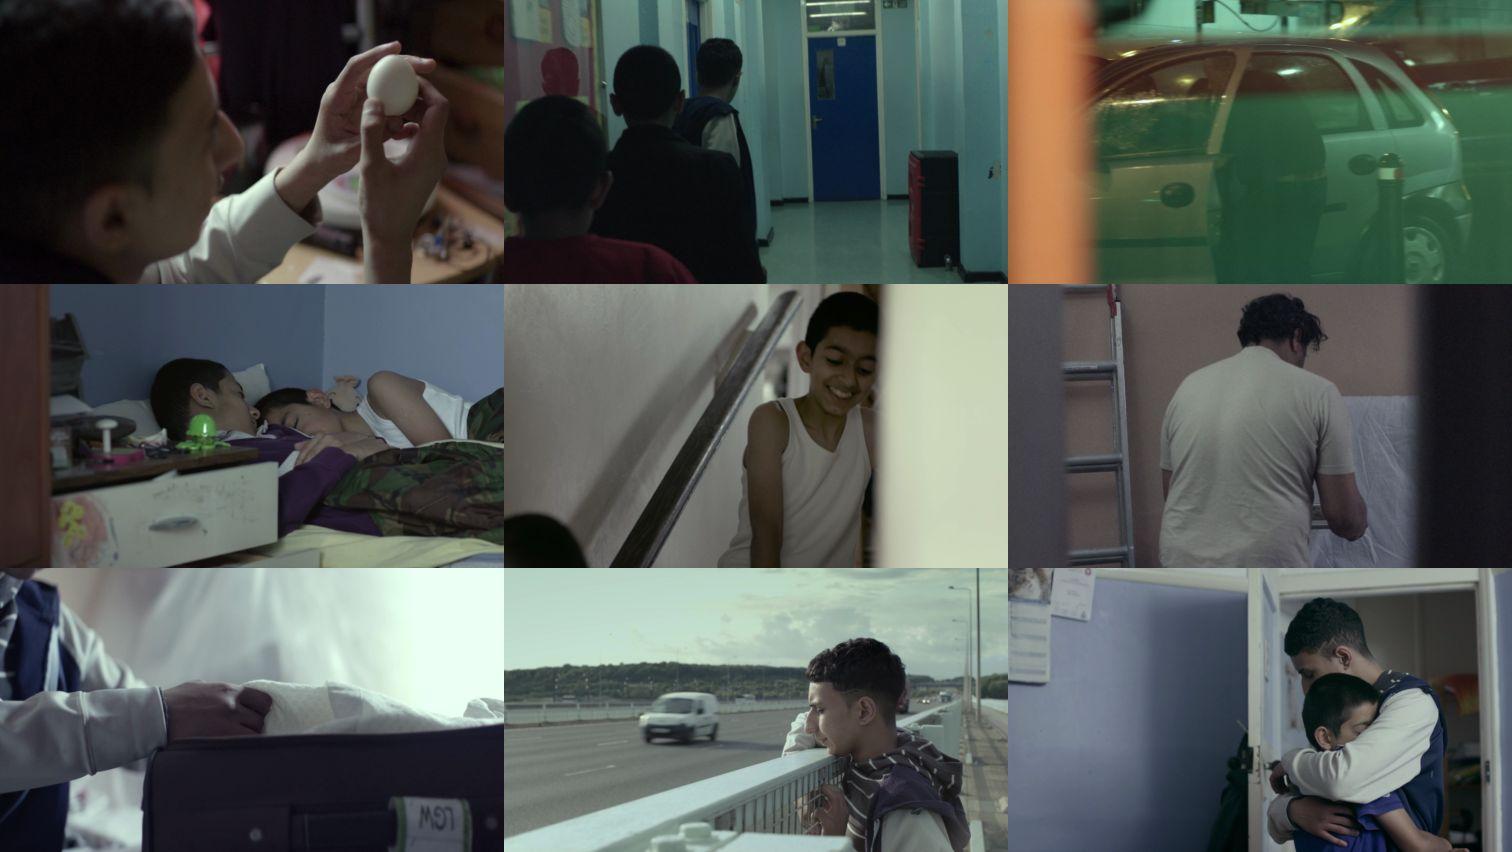 悠悠MP4_MP4电影下载_三兄弟 Three.Brothers.2014.1080p.BluRay.x264-ORBS 1.56GB